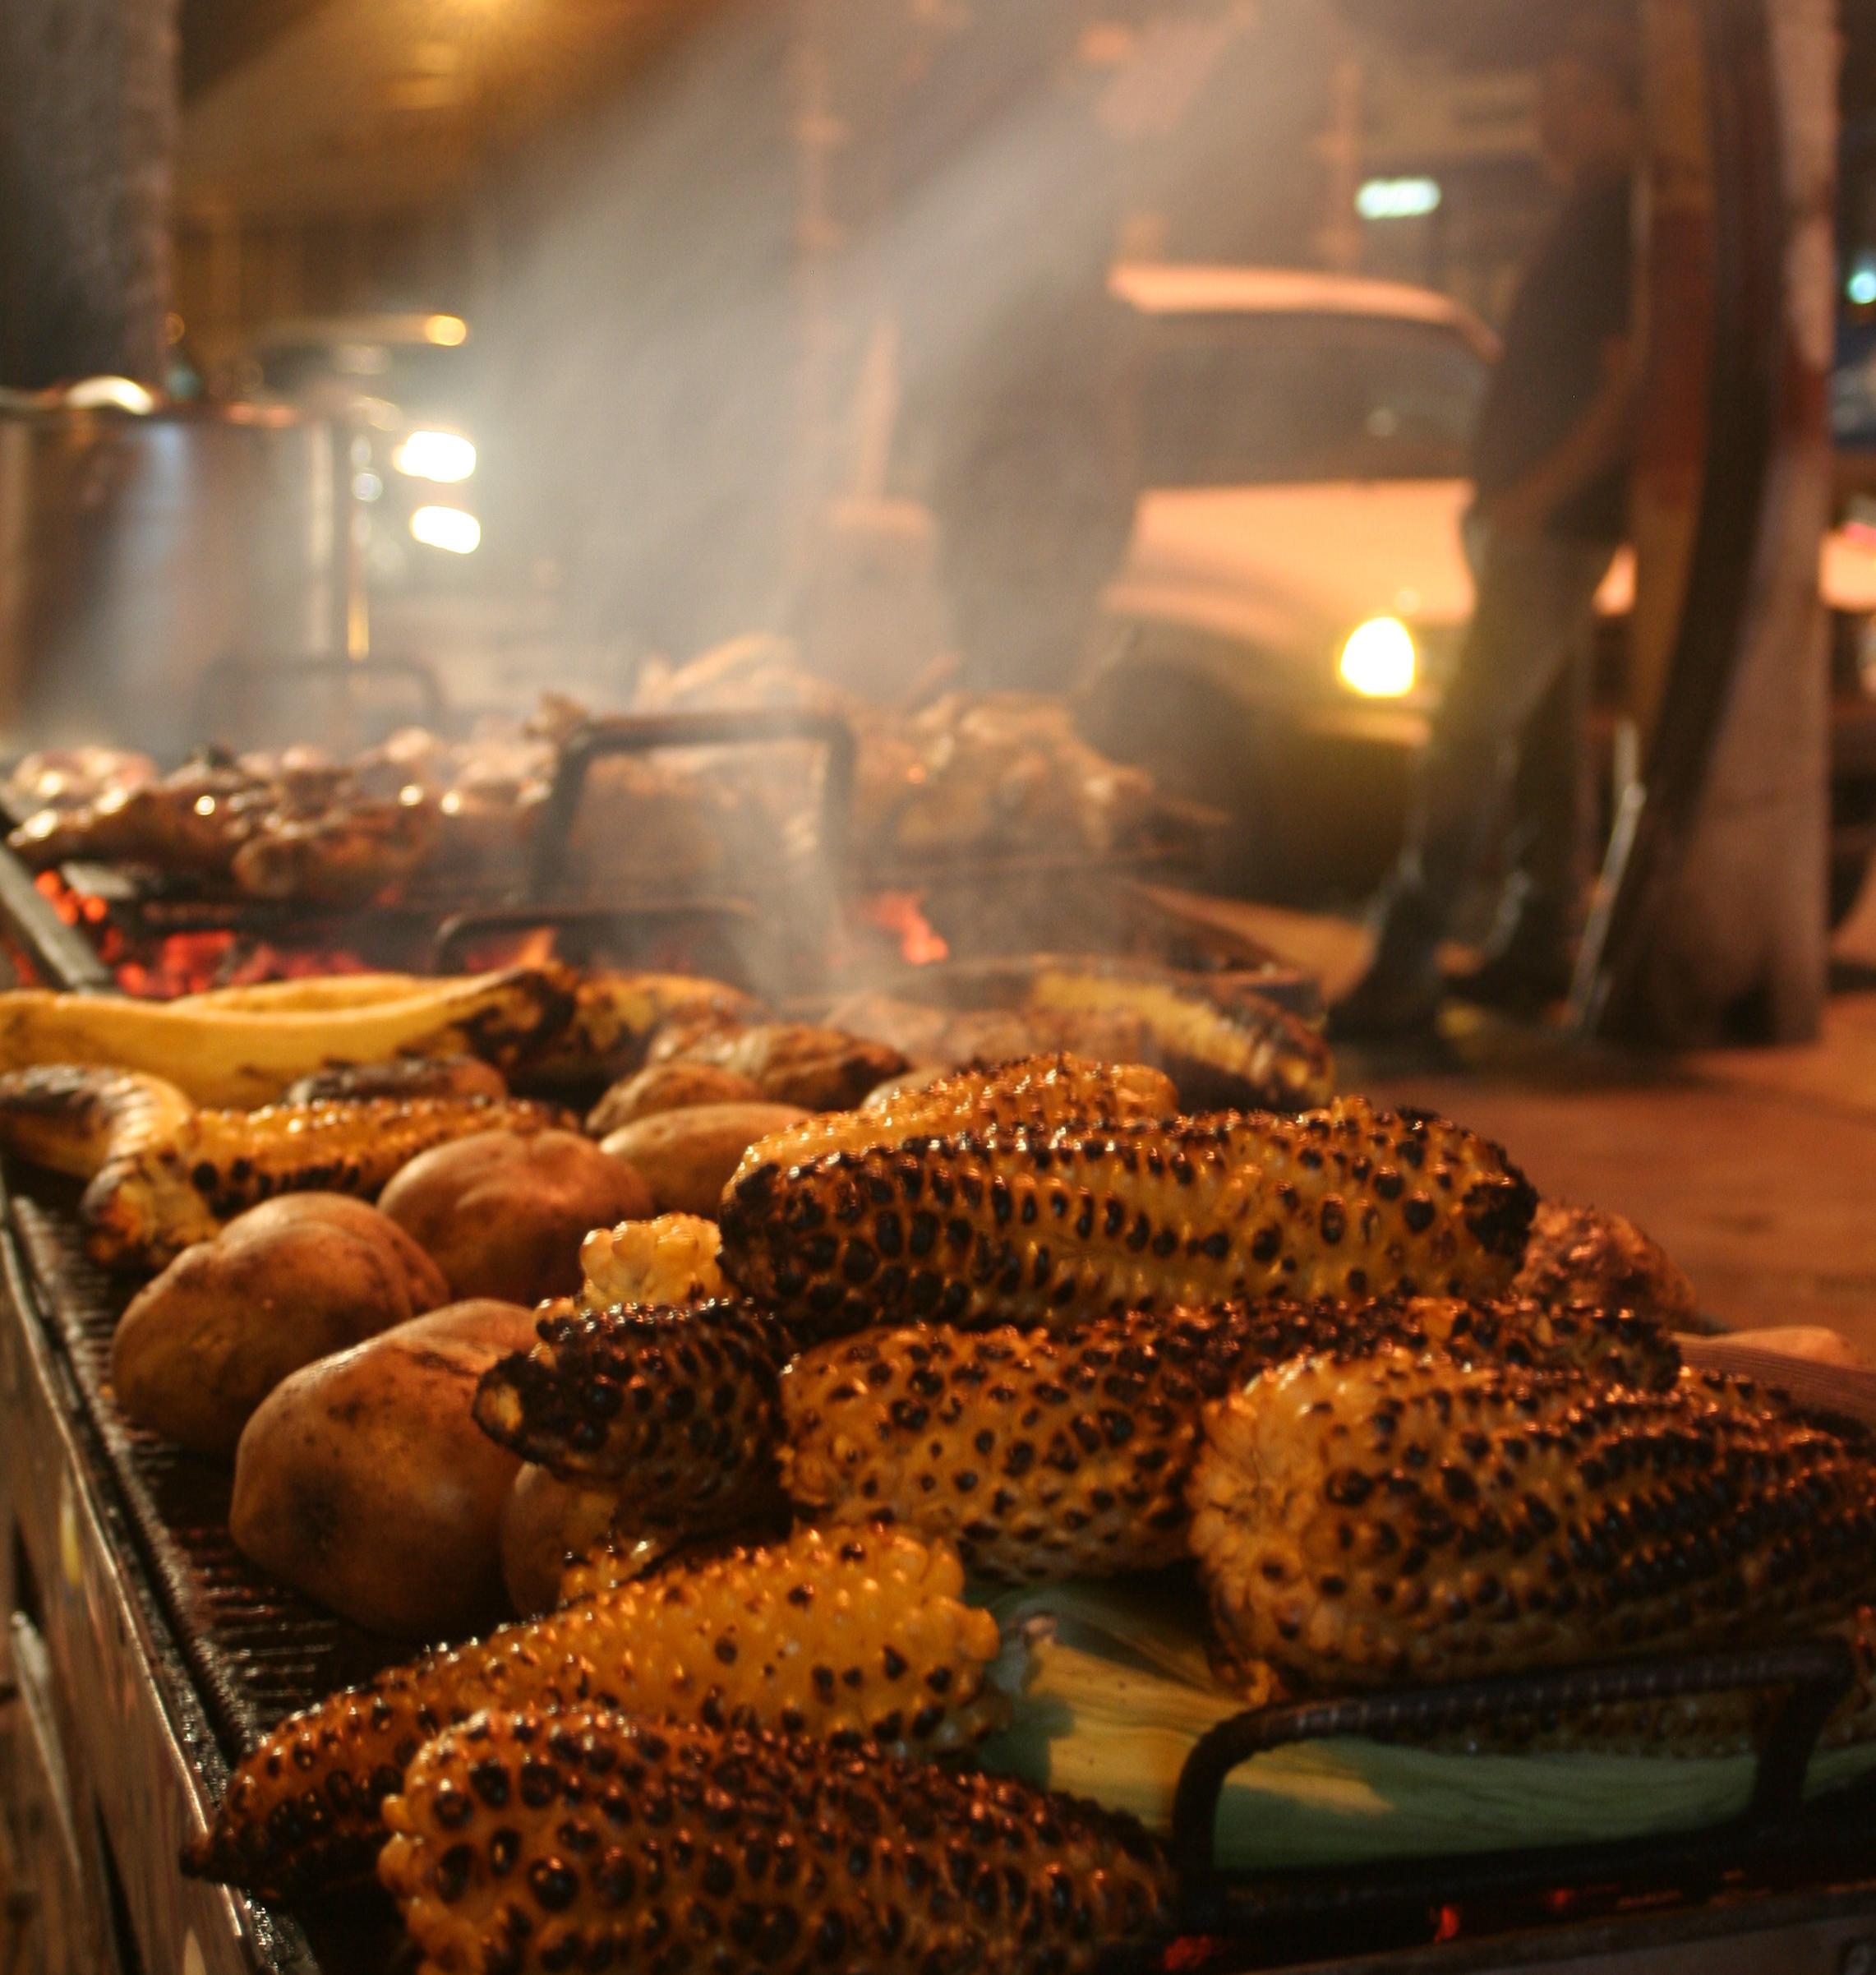 Batatas, majs och lökar på en gatugrill i Ecuador.